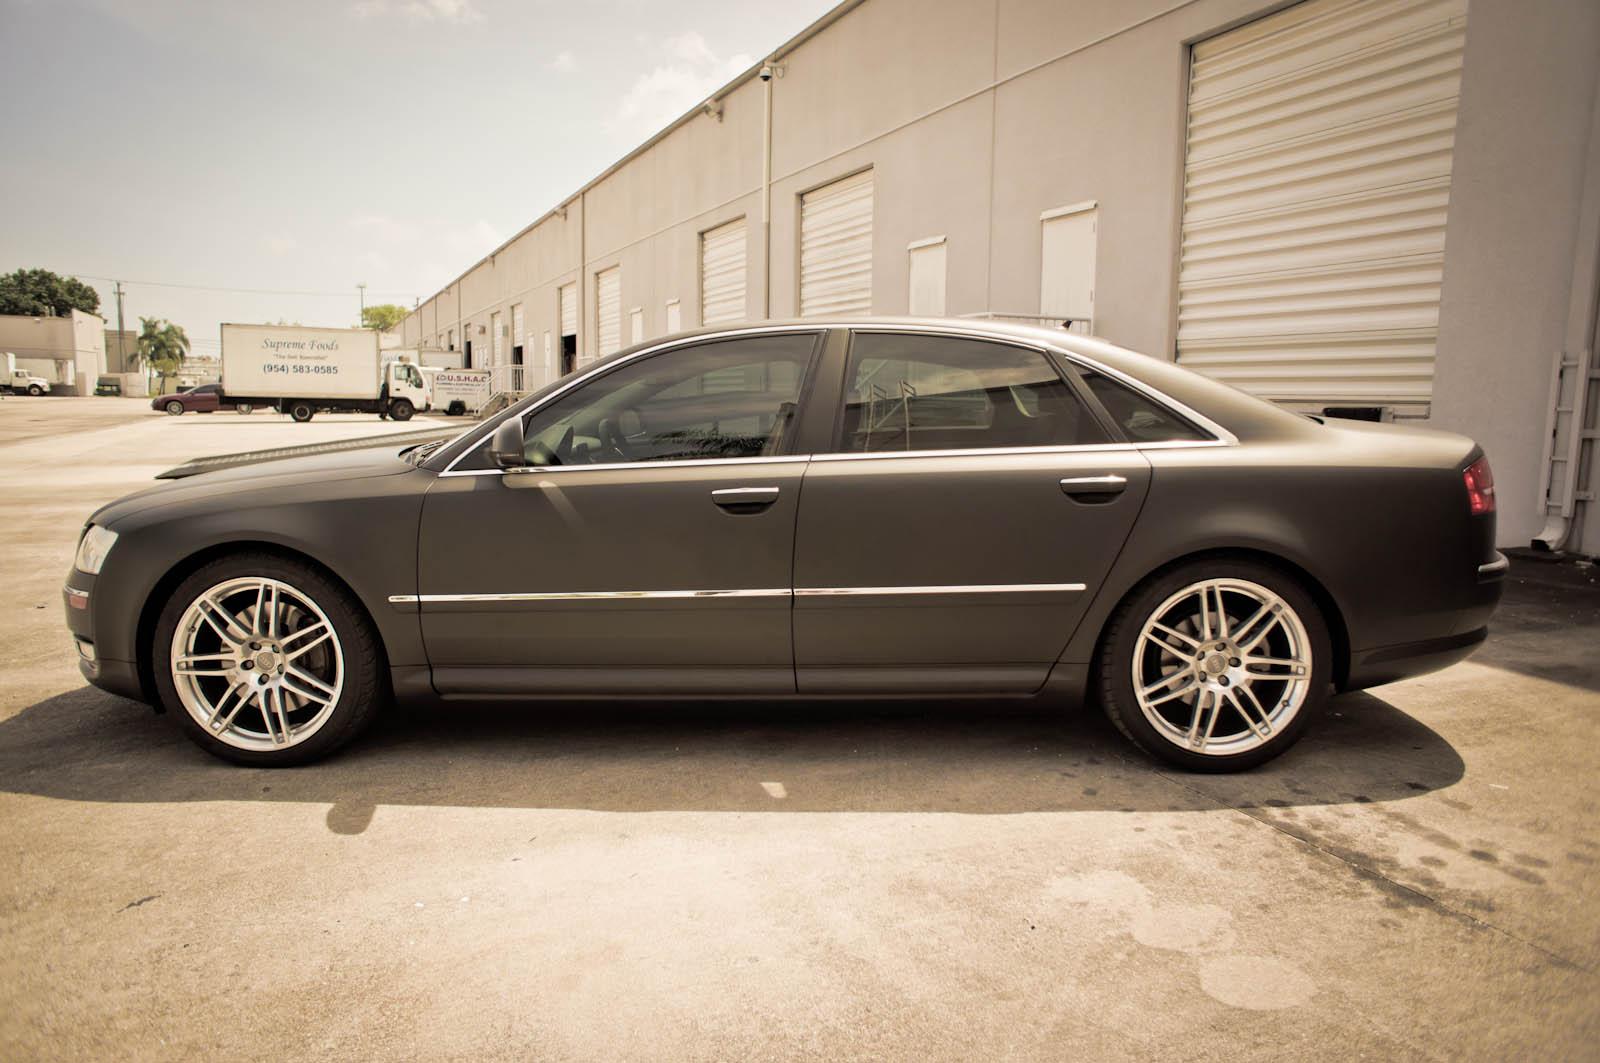 http://3.bp.blogspot.com/-CLT3voi6zgc/UGjGbPP4bJI/AAAAAAAAEjo/3Fs99zer1EA/s1600/Fort+Lauderdale+Audi+A8+matte+black+car+wrap.jpg